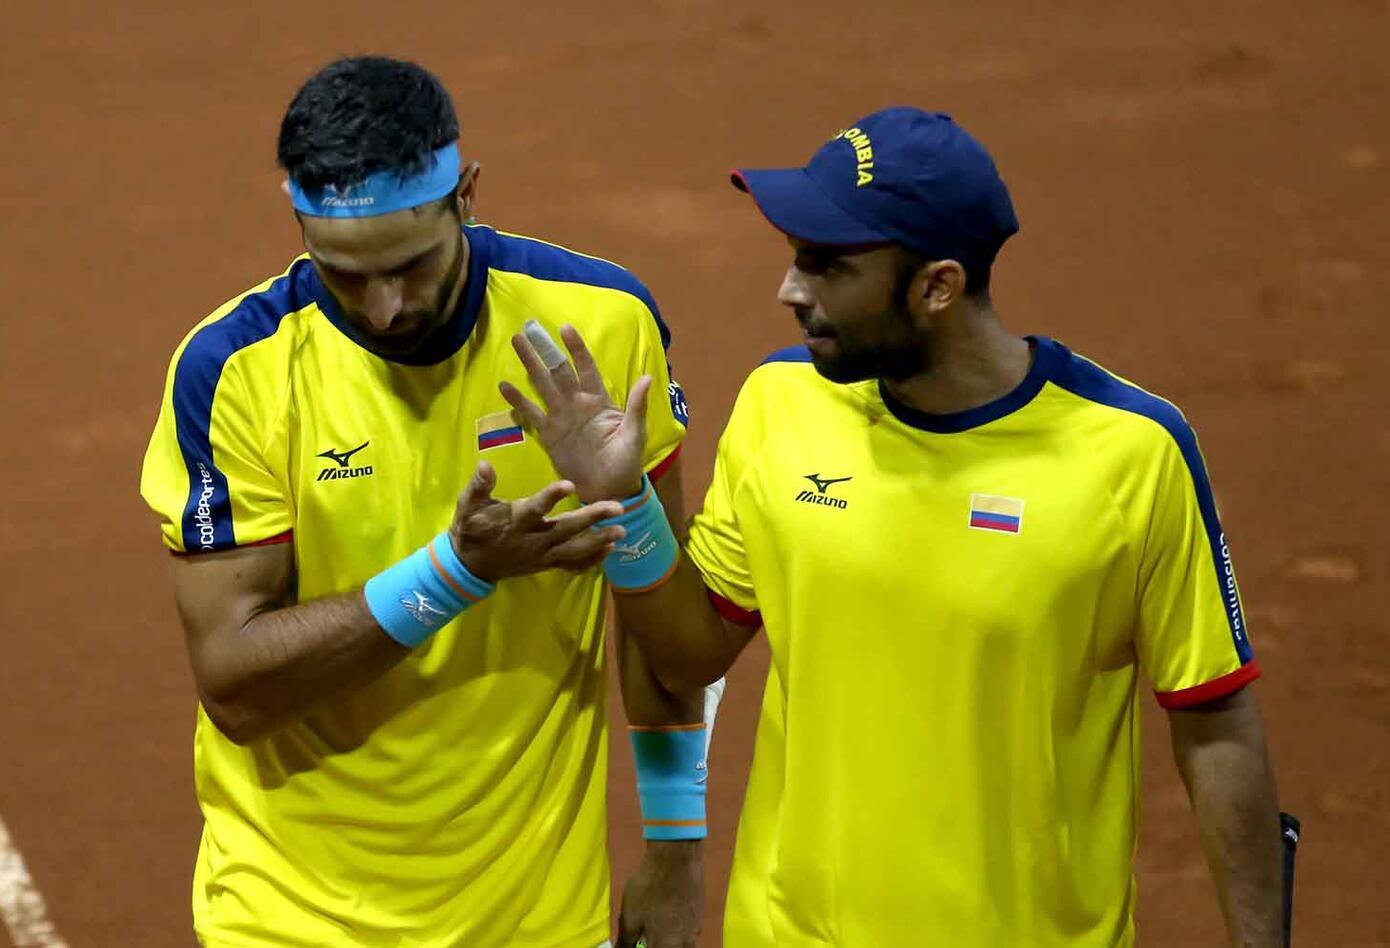 Colombia superó de forma contundente a Suecia en la llave que se disputó en Bogotá